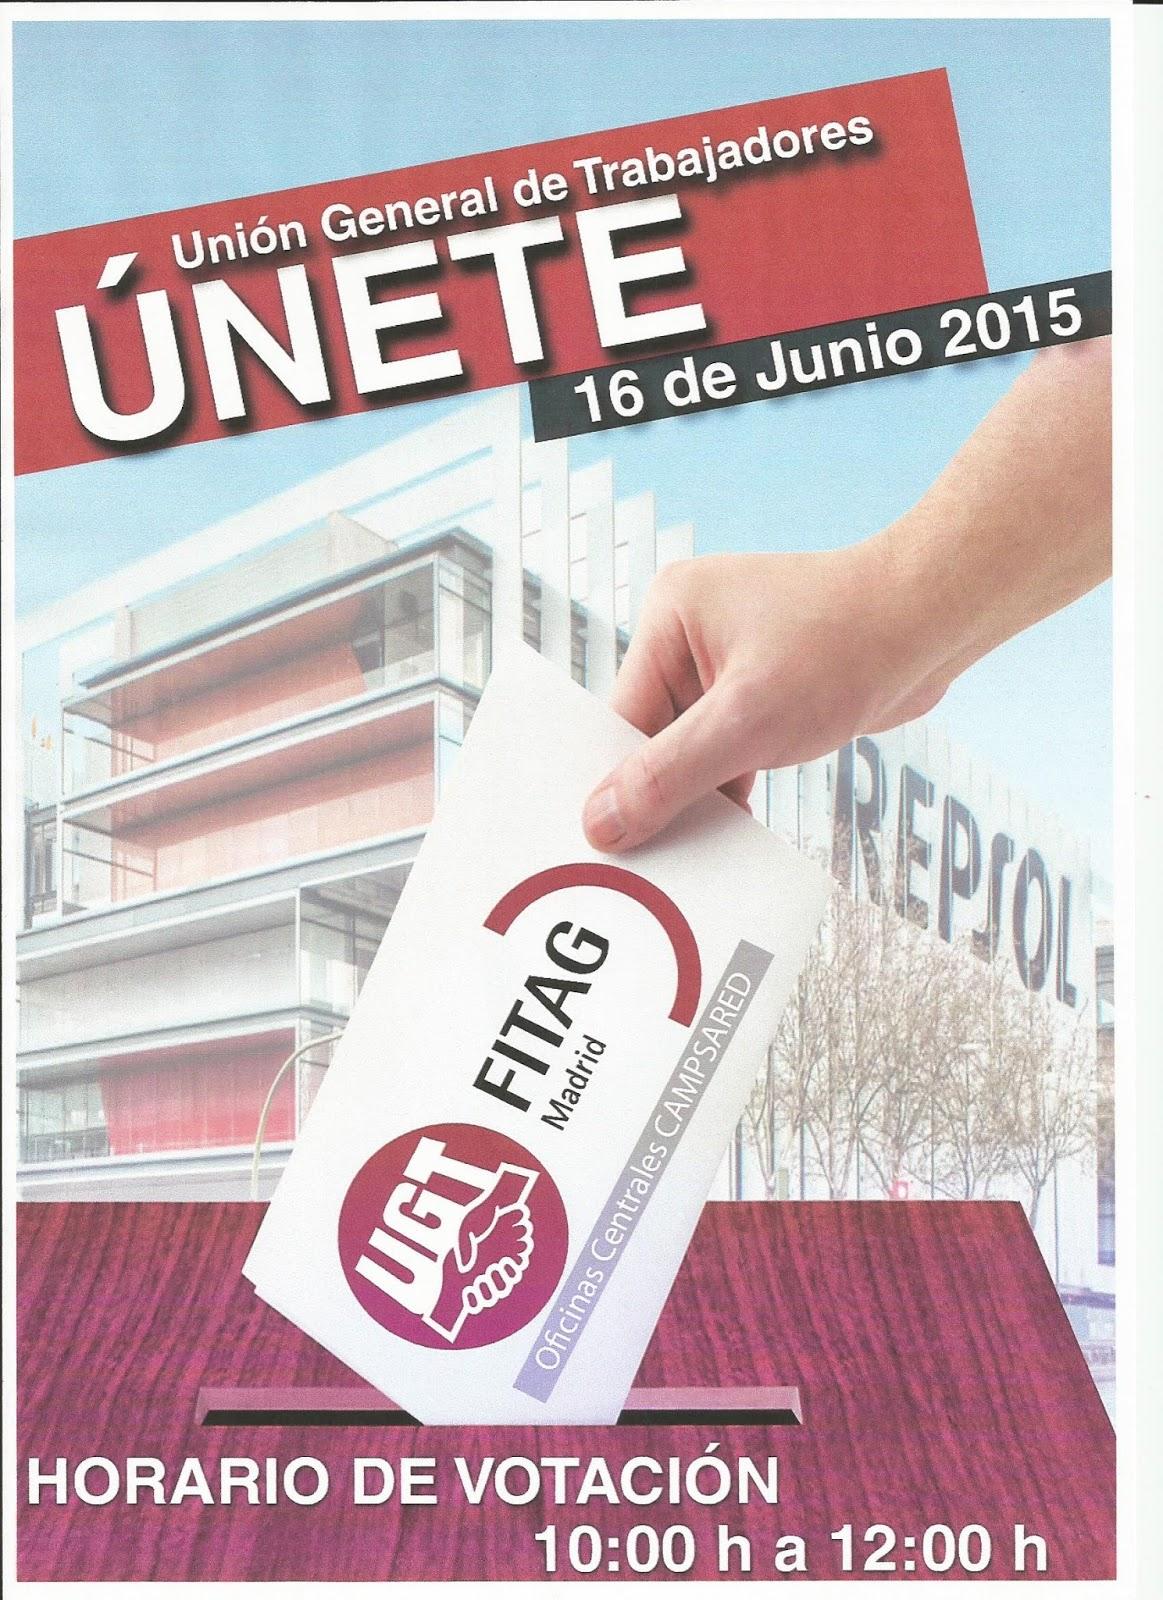 Secci n sindical estatal ugt fica campsared resultado elecciones delegados de comit oficinas - Oficinas centrales de sanitas en madrid ...